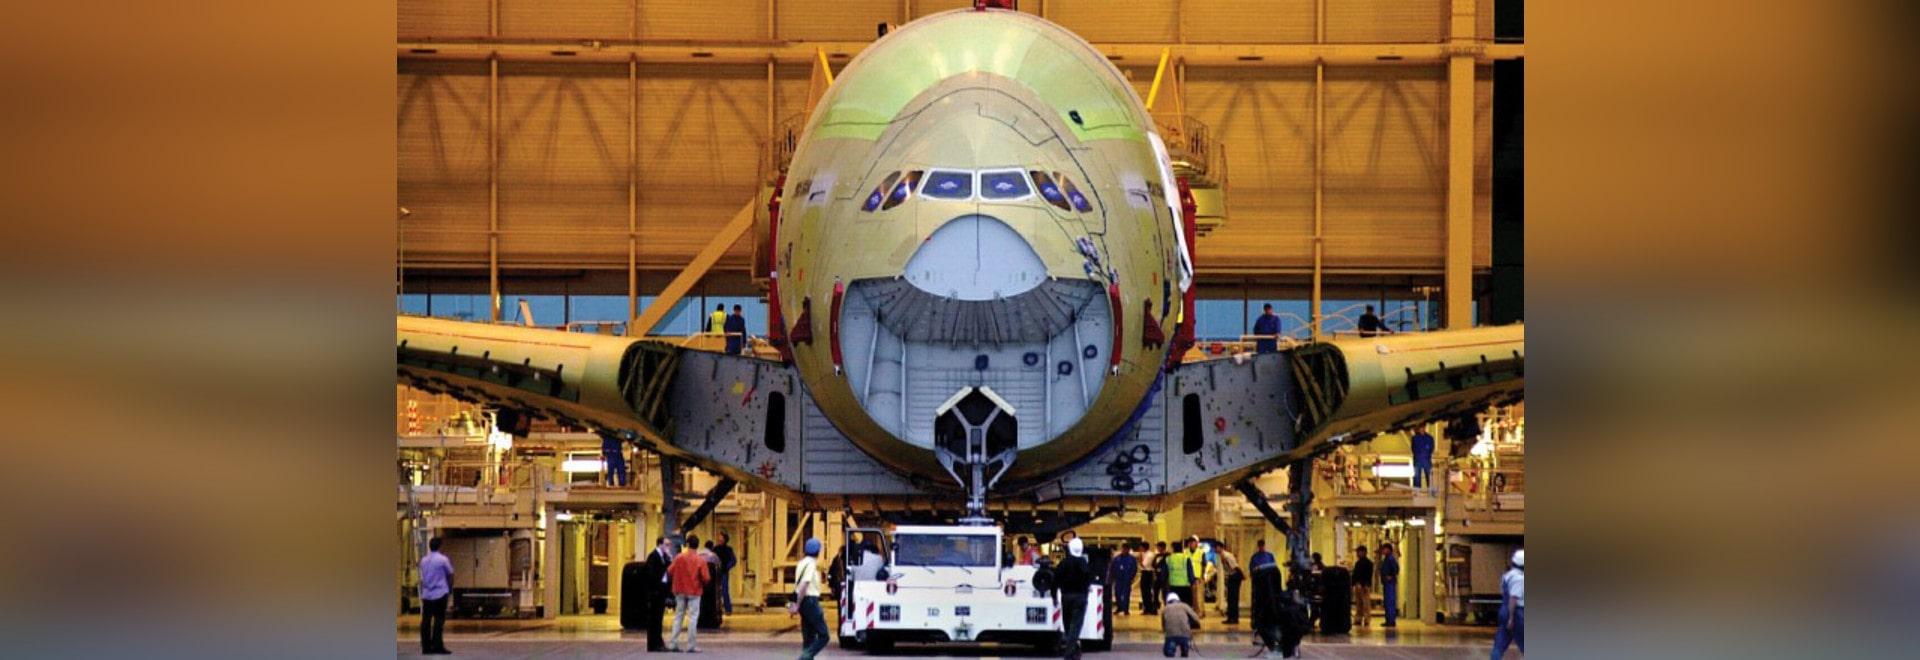 AIRBUS A380? DAL CONCETTO A REALTÀ